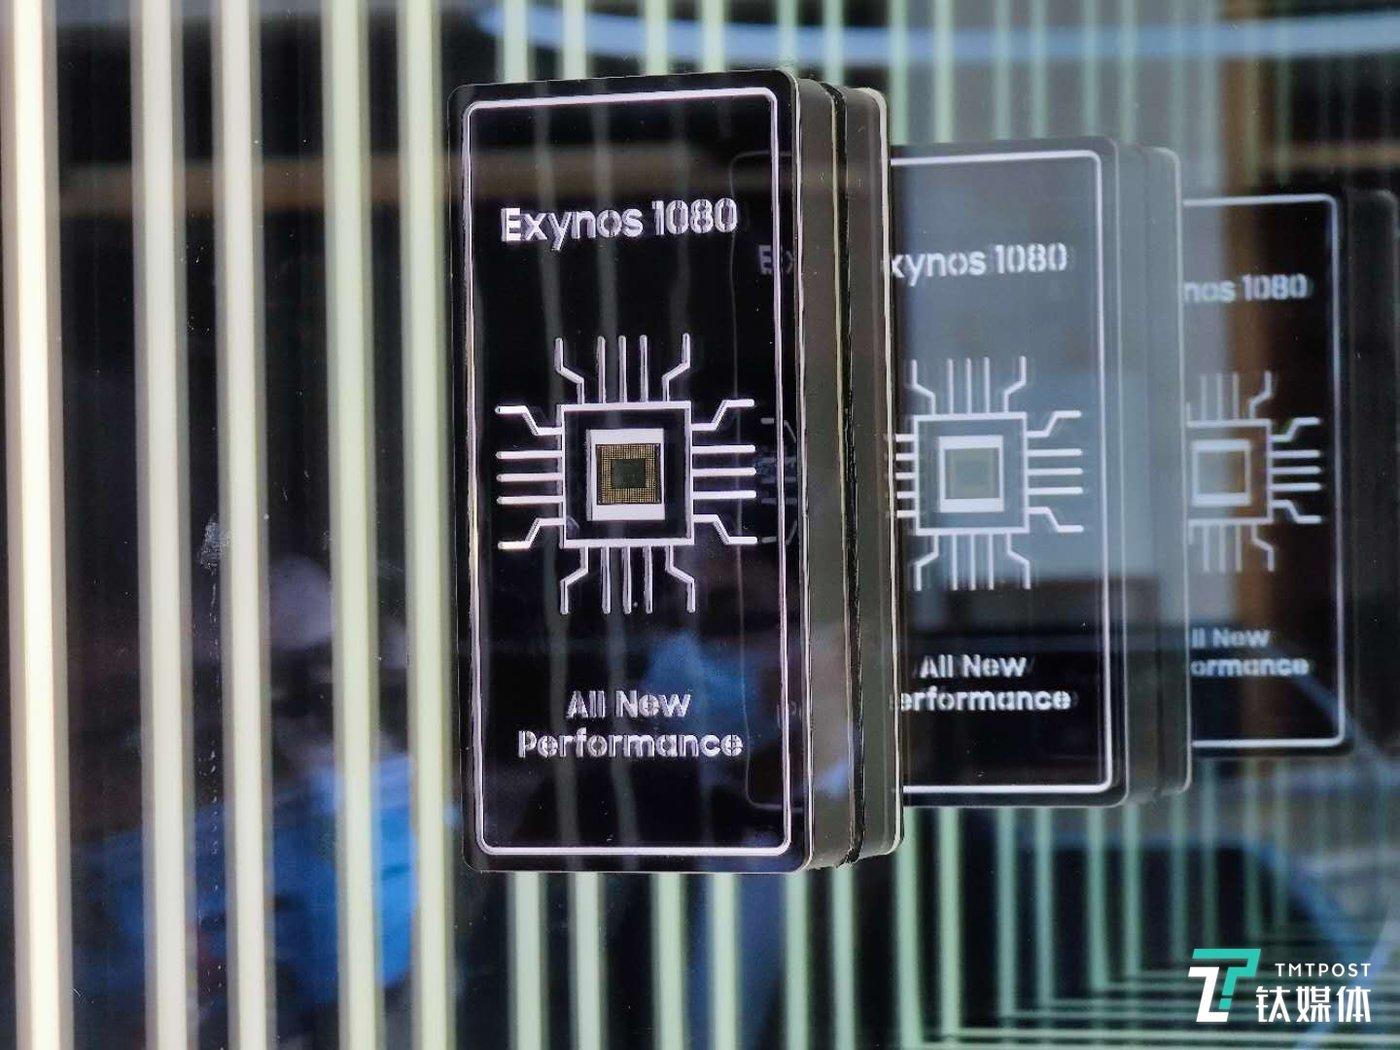 三星发布Exynos 1080移动处理器